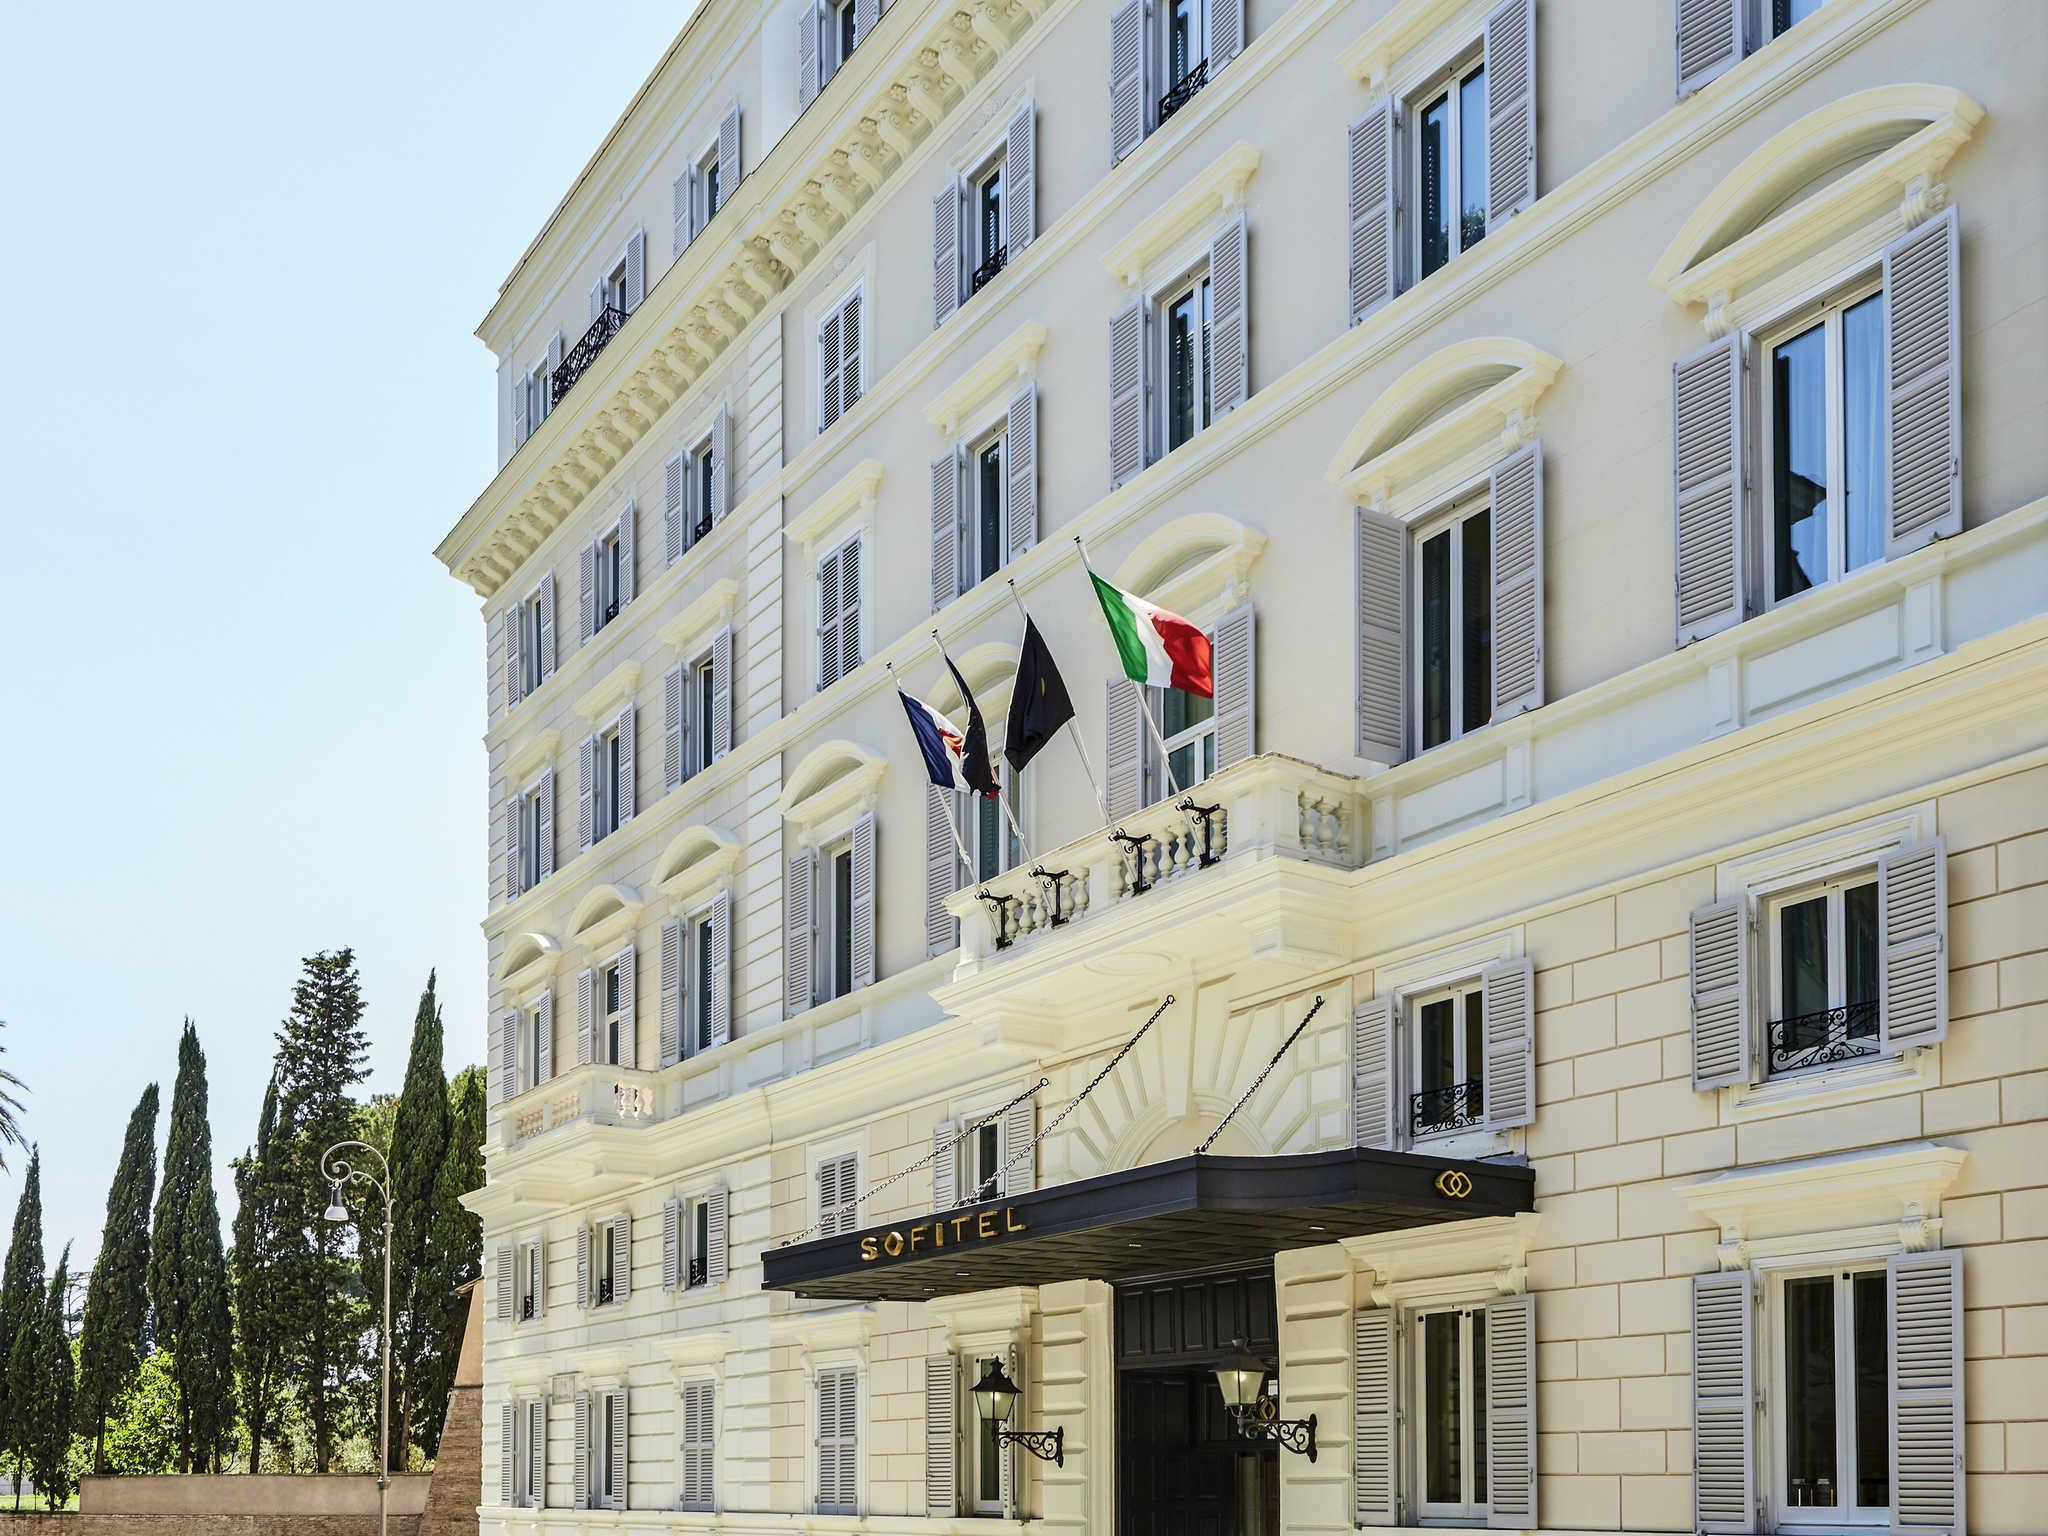 Hotell – Sofitel Rome (totalrenoverat